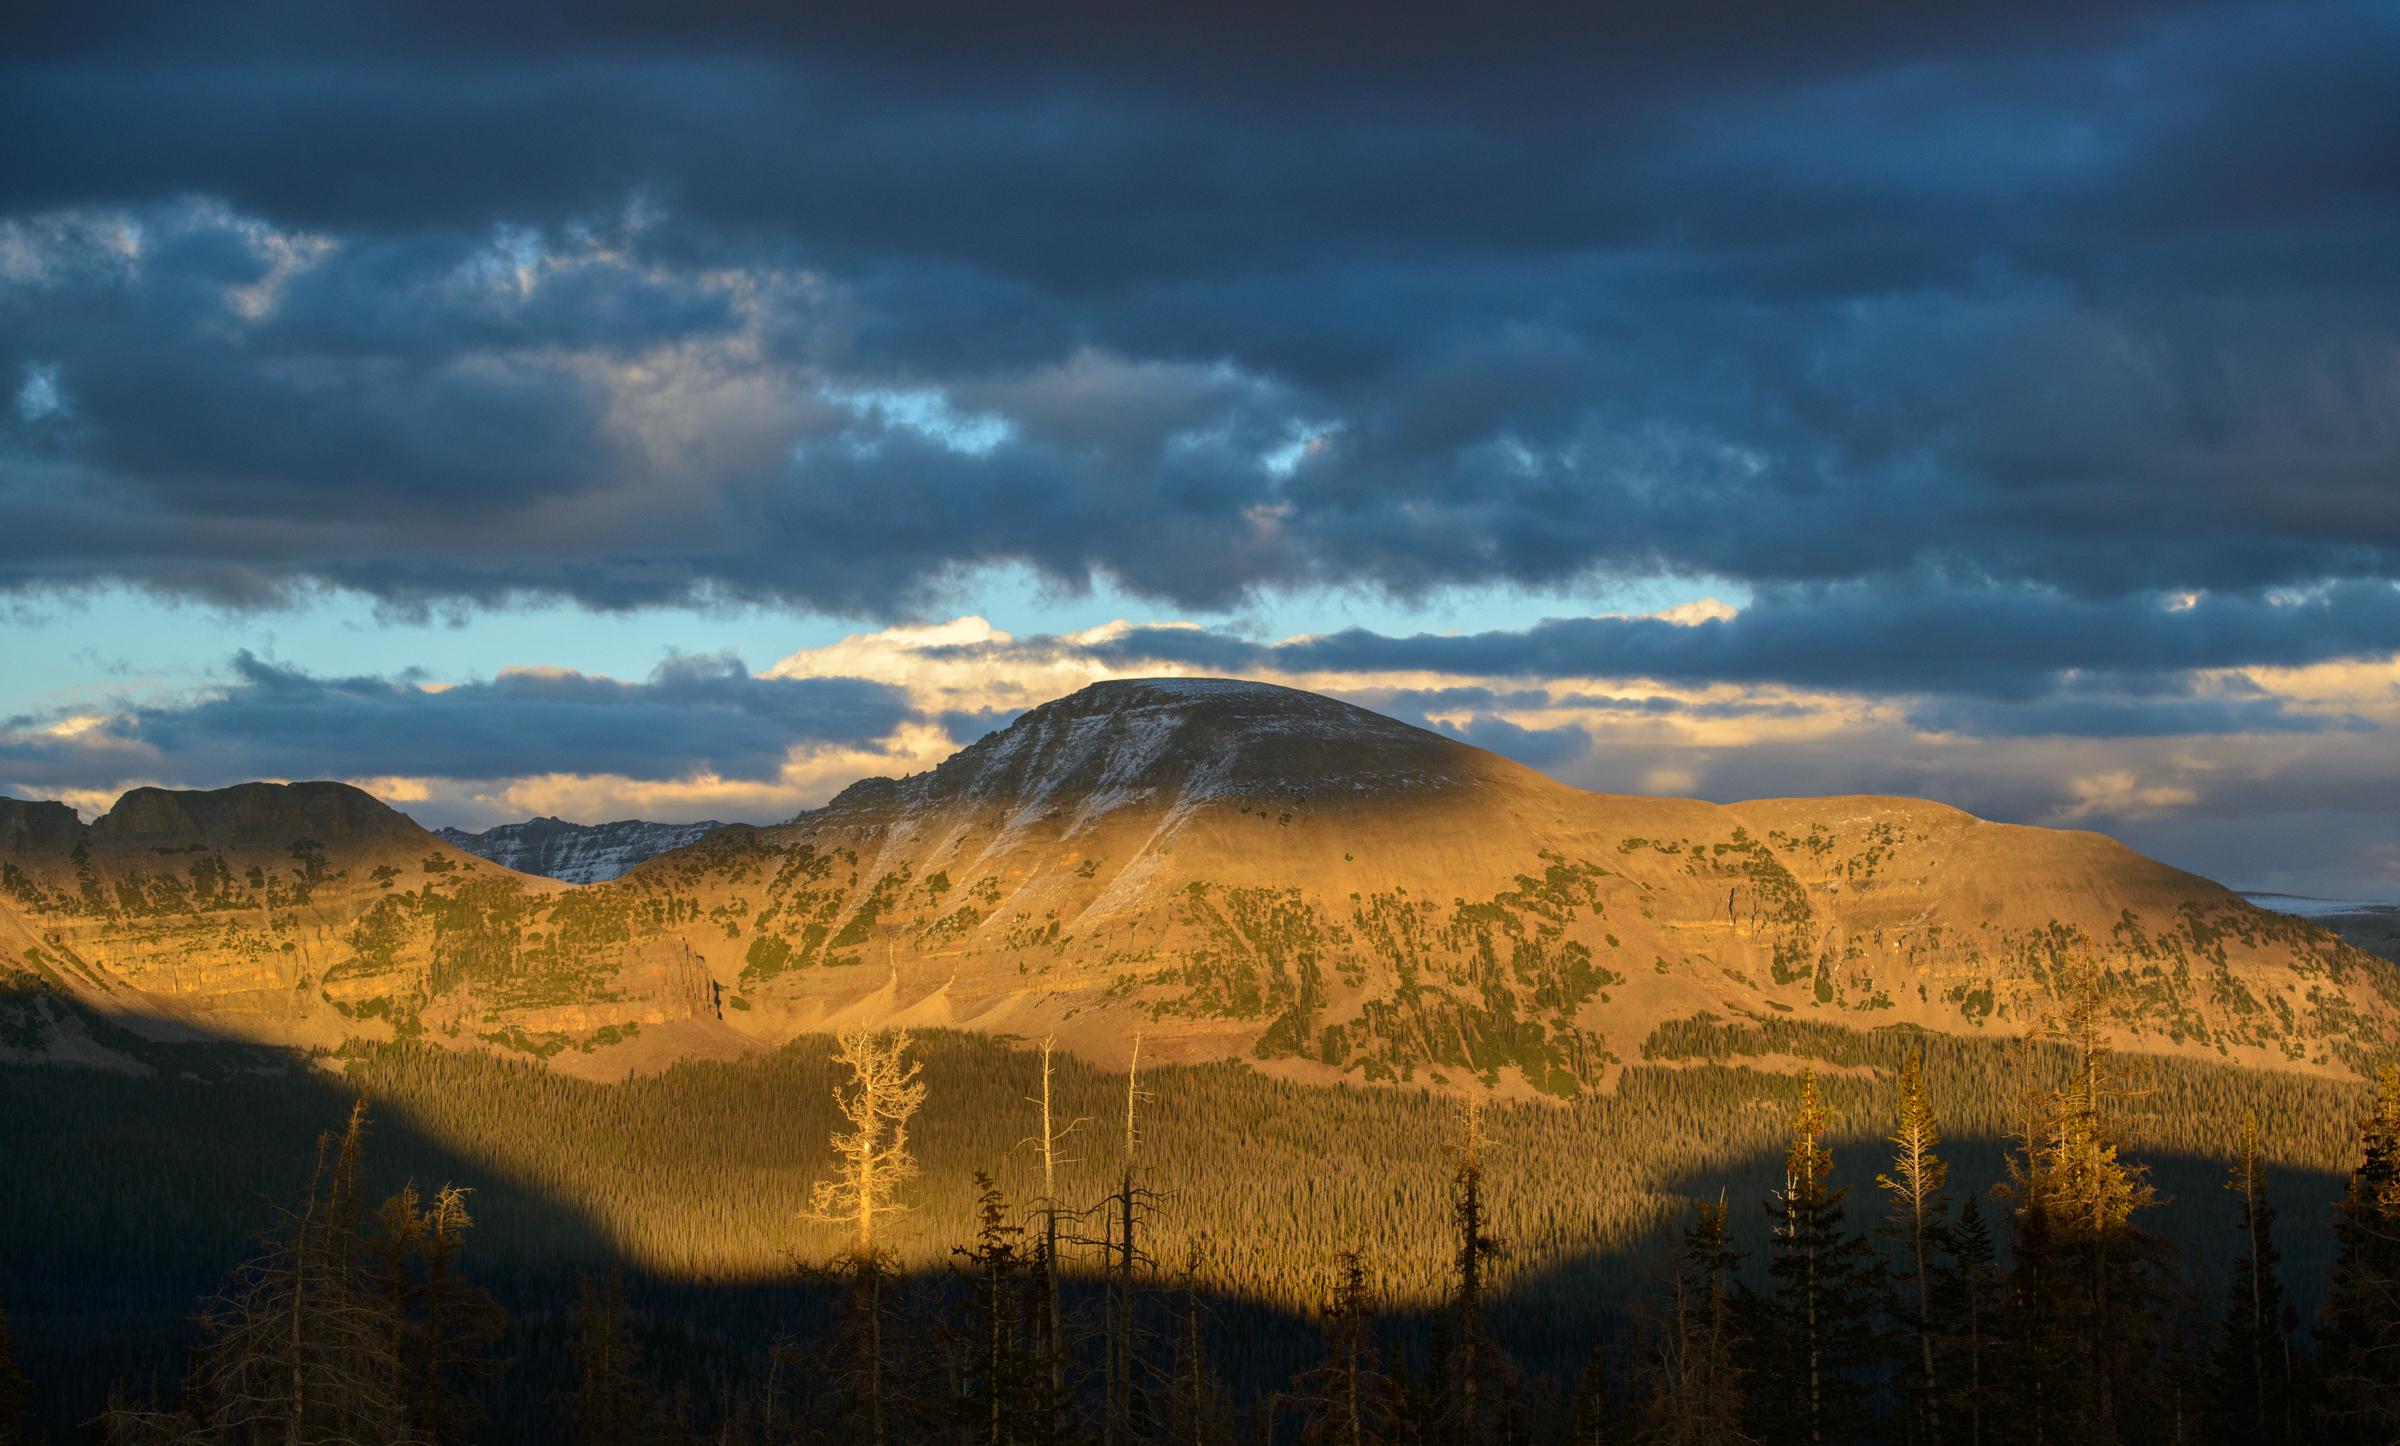 Uinta Mountains - Utah